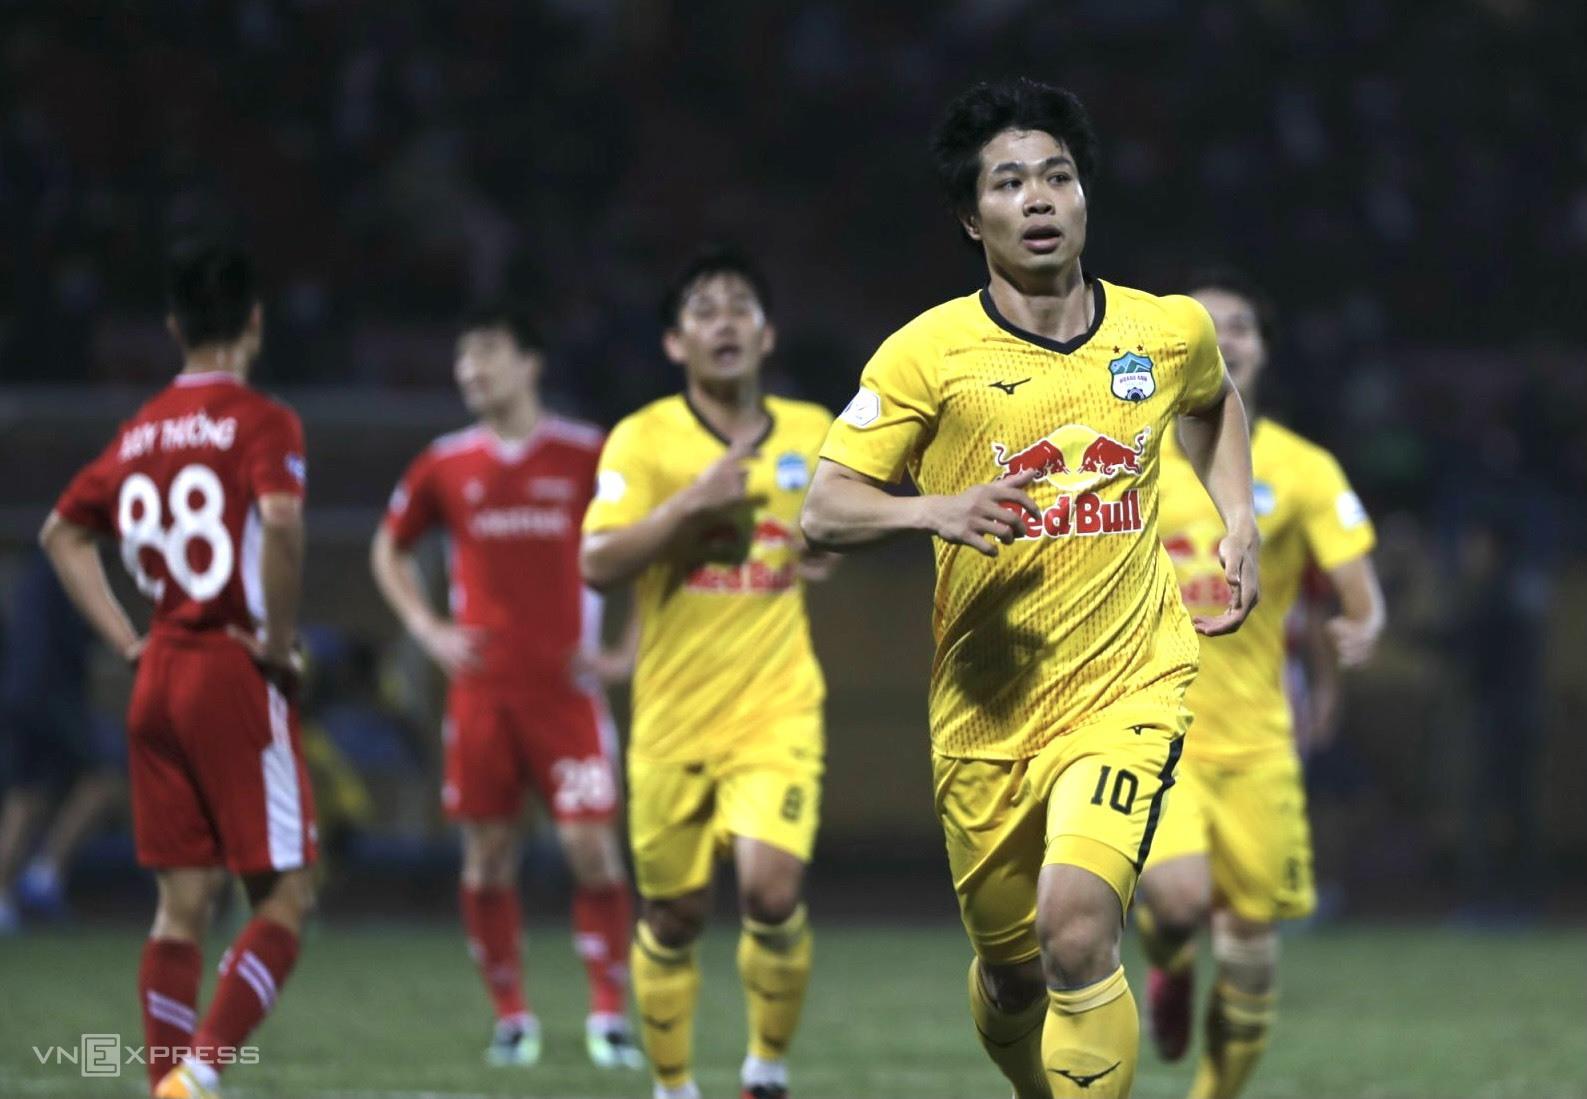 Kemenangan Viettel di lapangan membantu HAGL naik ke puncak V-League untuk pertama kalinya dalam lima tahun.  Foto: Lam Thoa